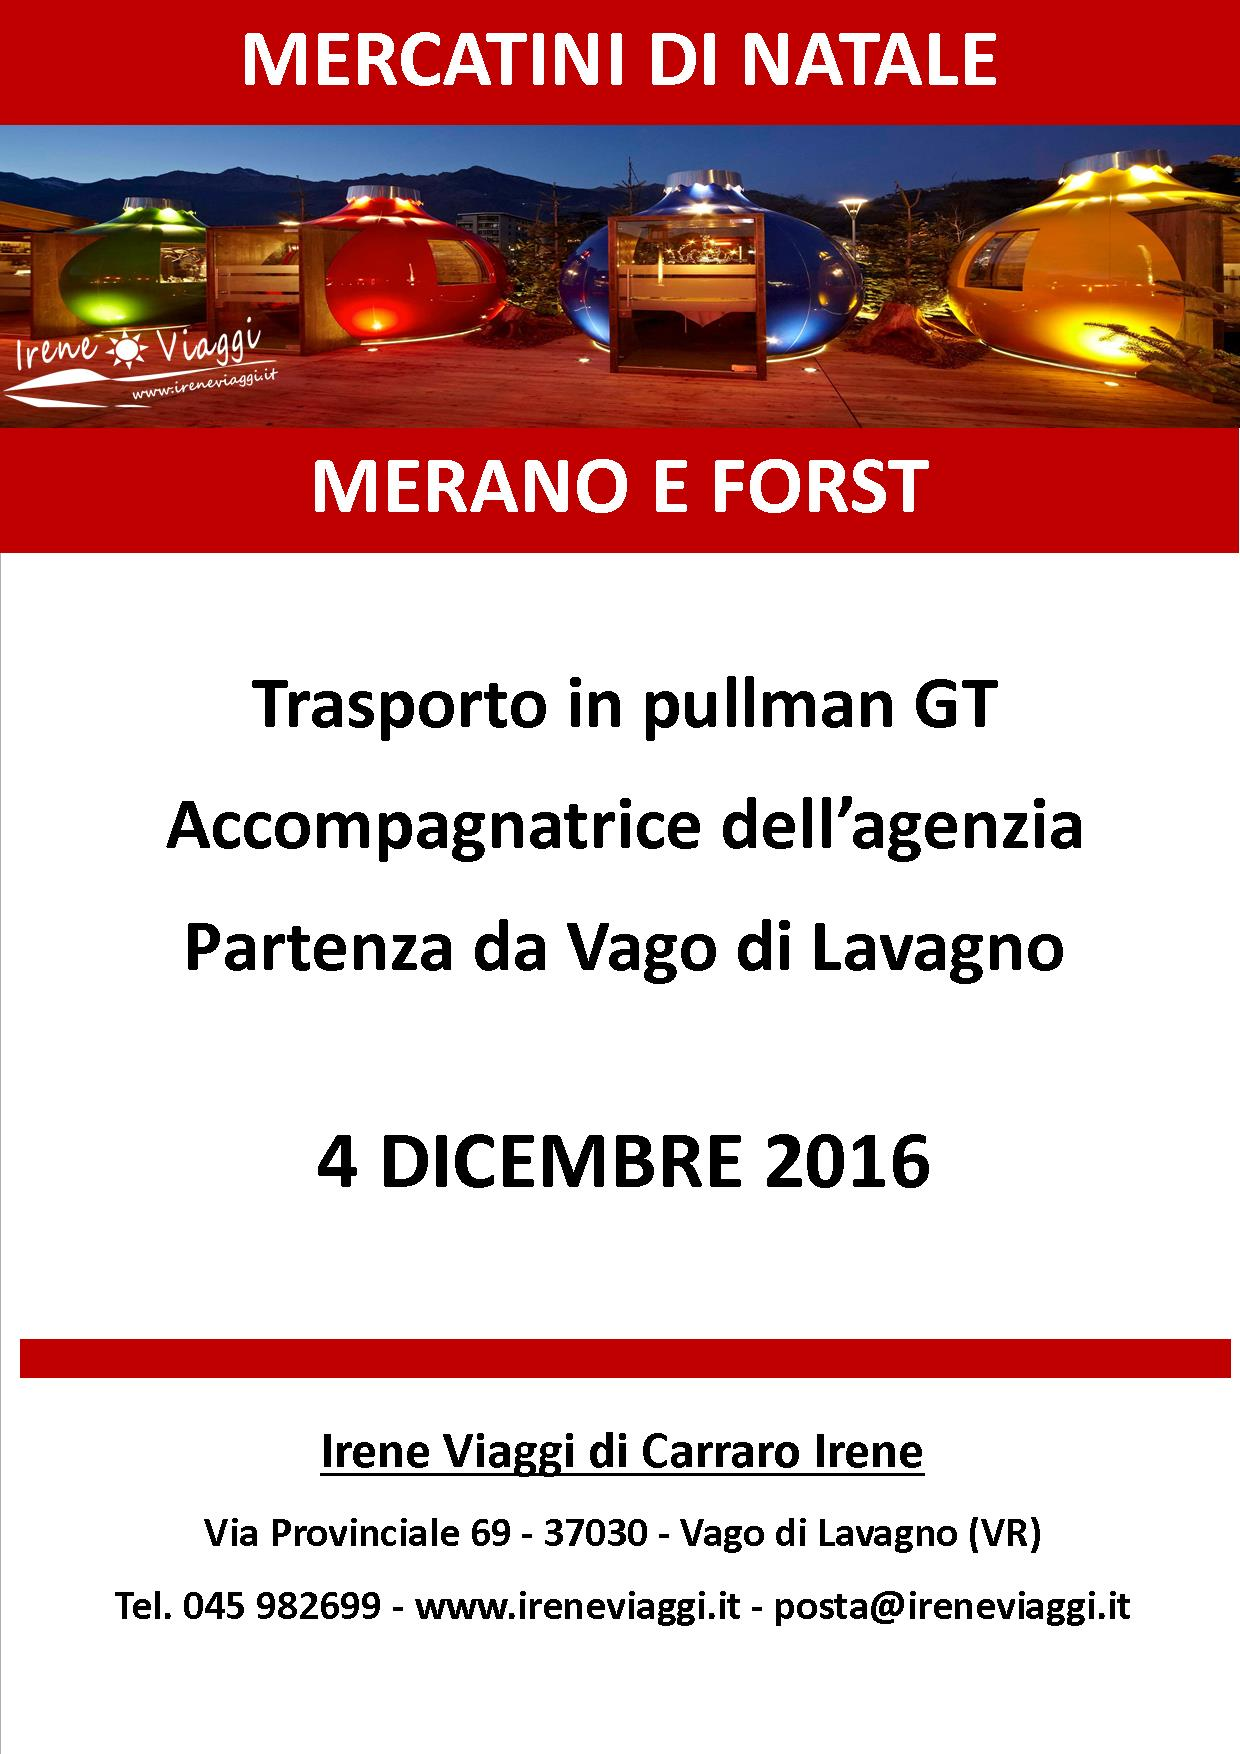 Merano e Forst